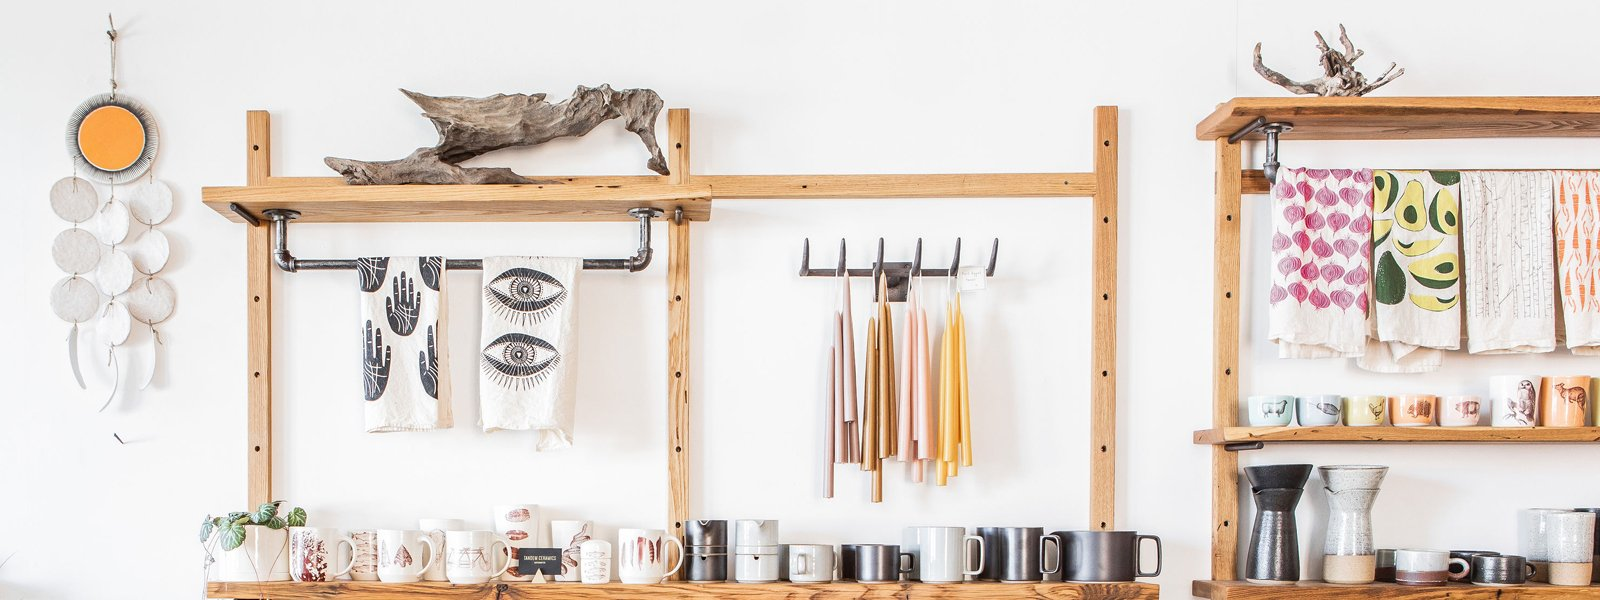 Kestrel Shop